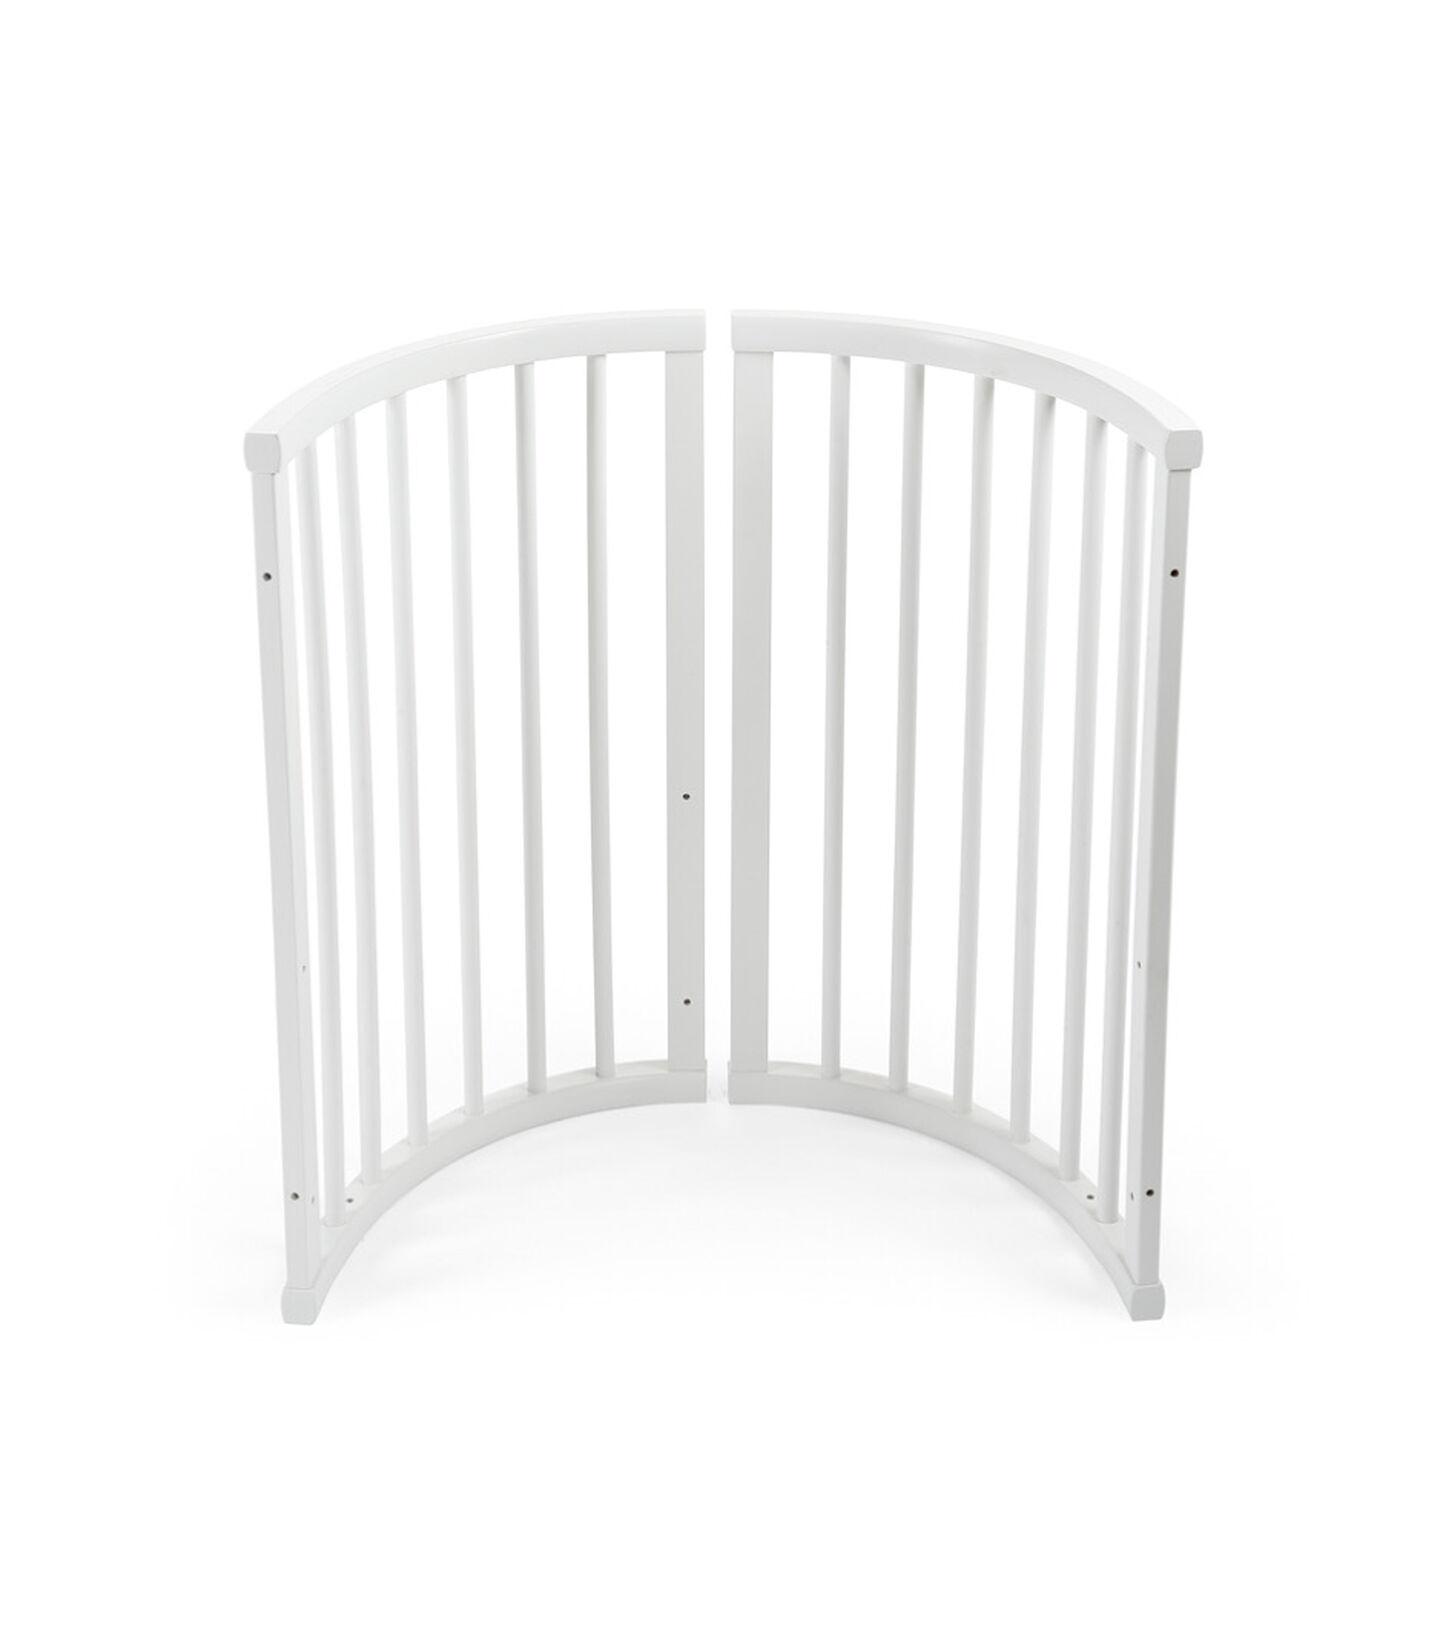 Stokke® Sleepi™ Eindgedeelte rechts White, White, mainview view 2